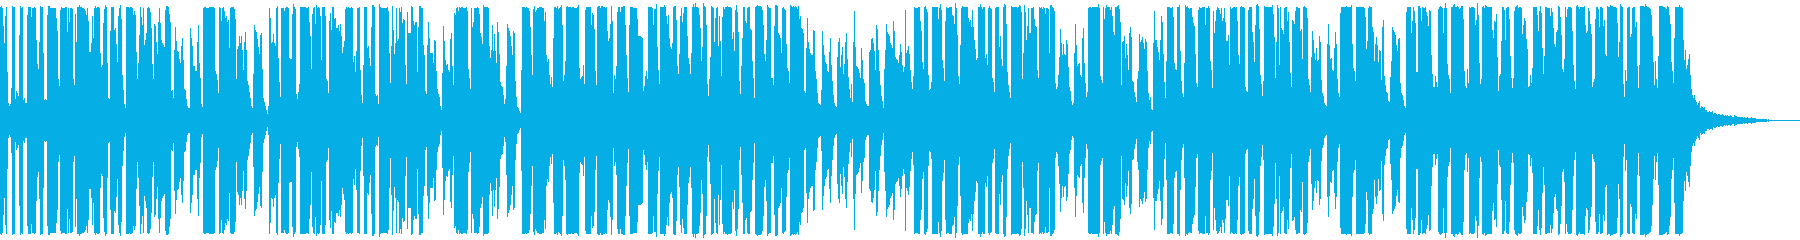 異国感漂うリズミックなフォークソングの再生済みの波形